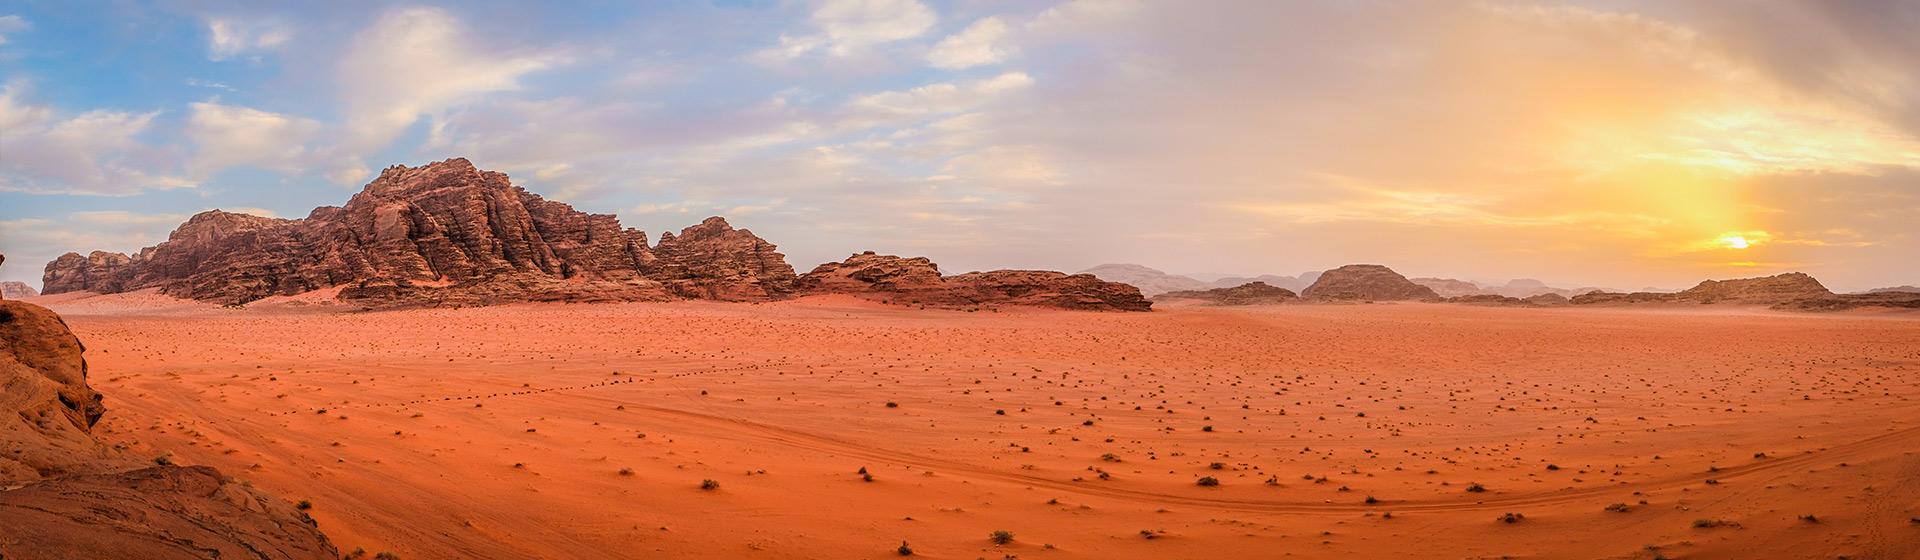 Maravillas del Hachemita y Wadi Rum